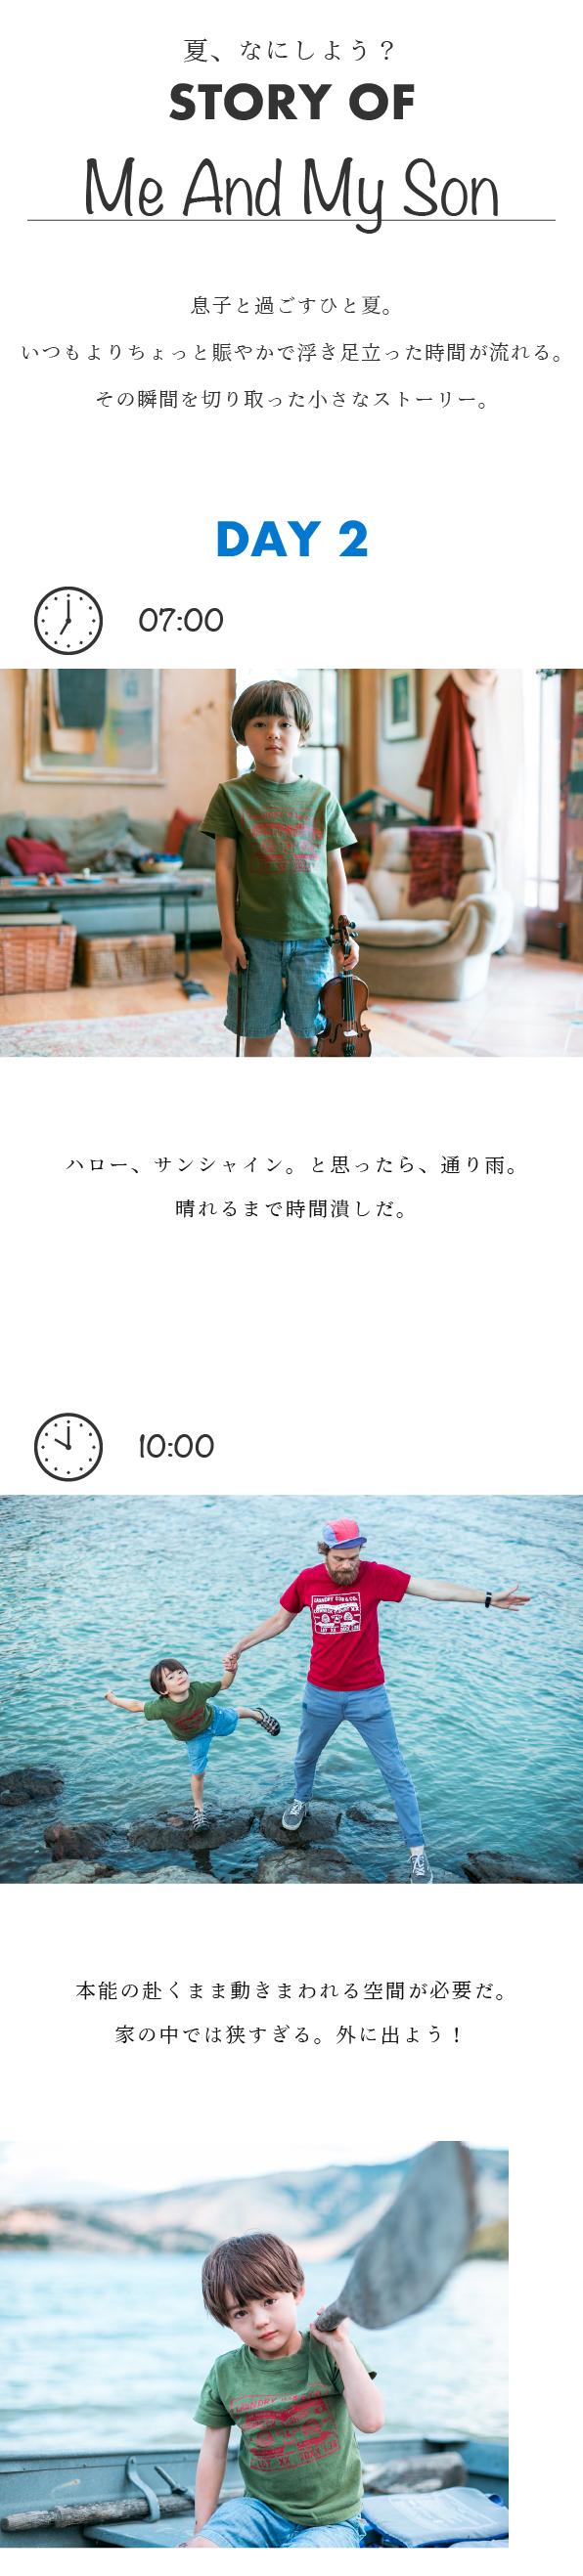 0803夏day2_01_596